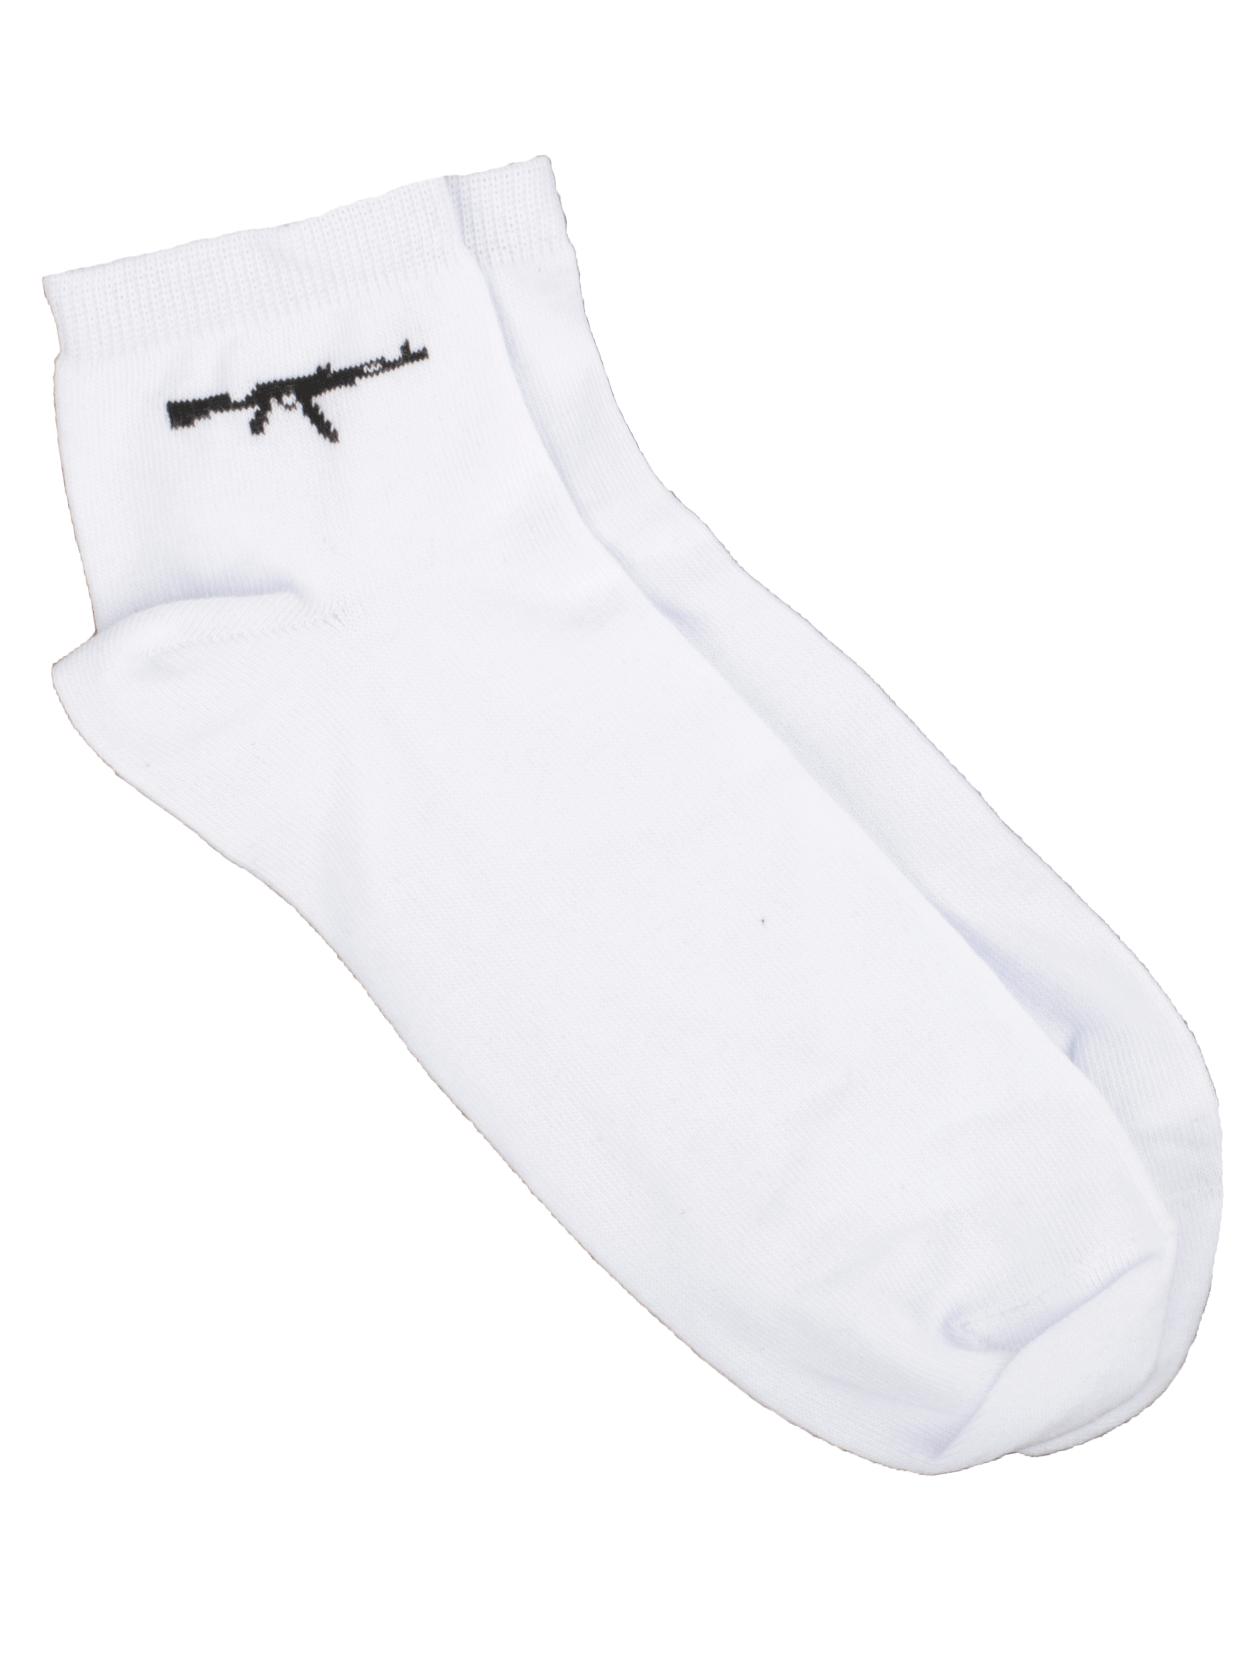 Носки унисекс GUN<br><br>Размер: 39/40<br>Цвет: Белый<br>Пол: Унисекс